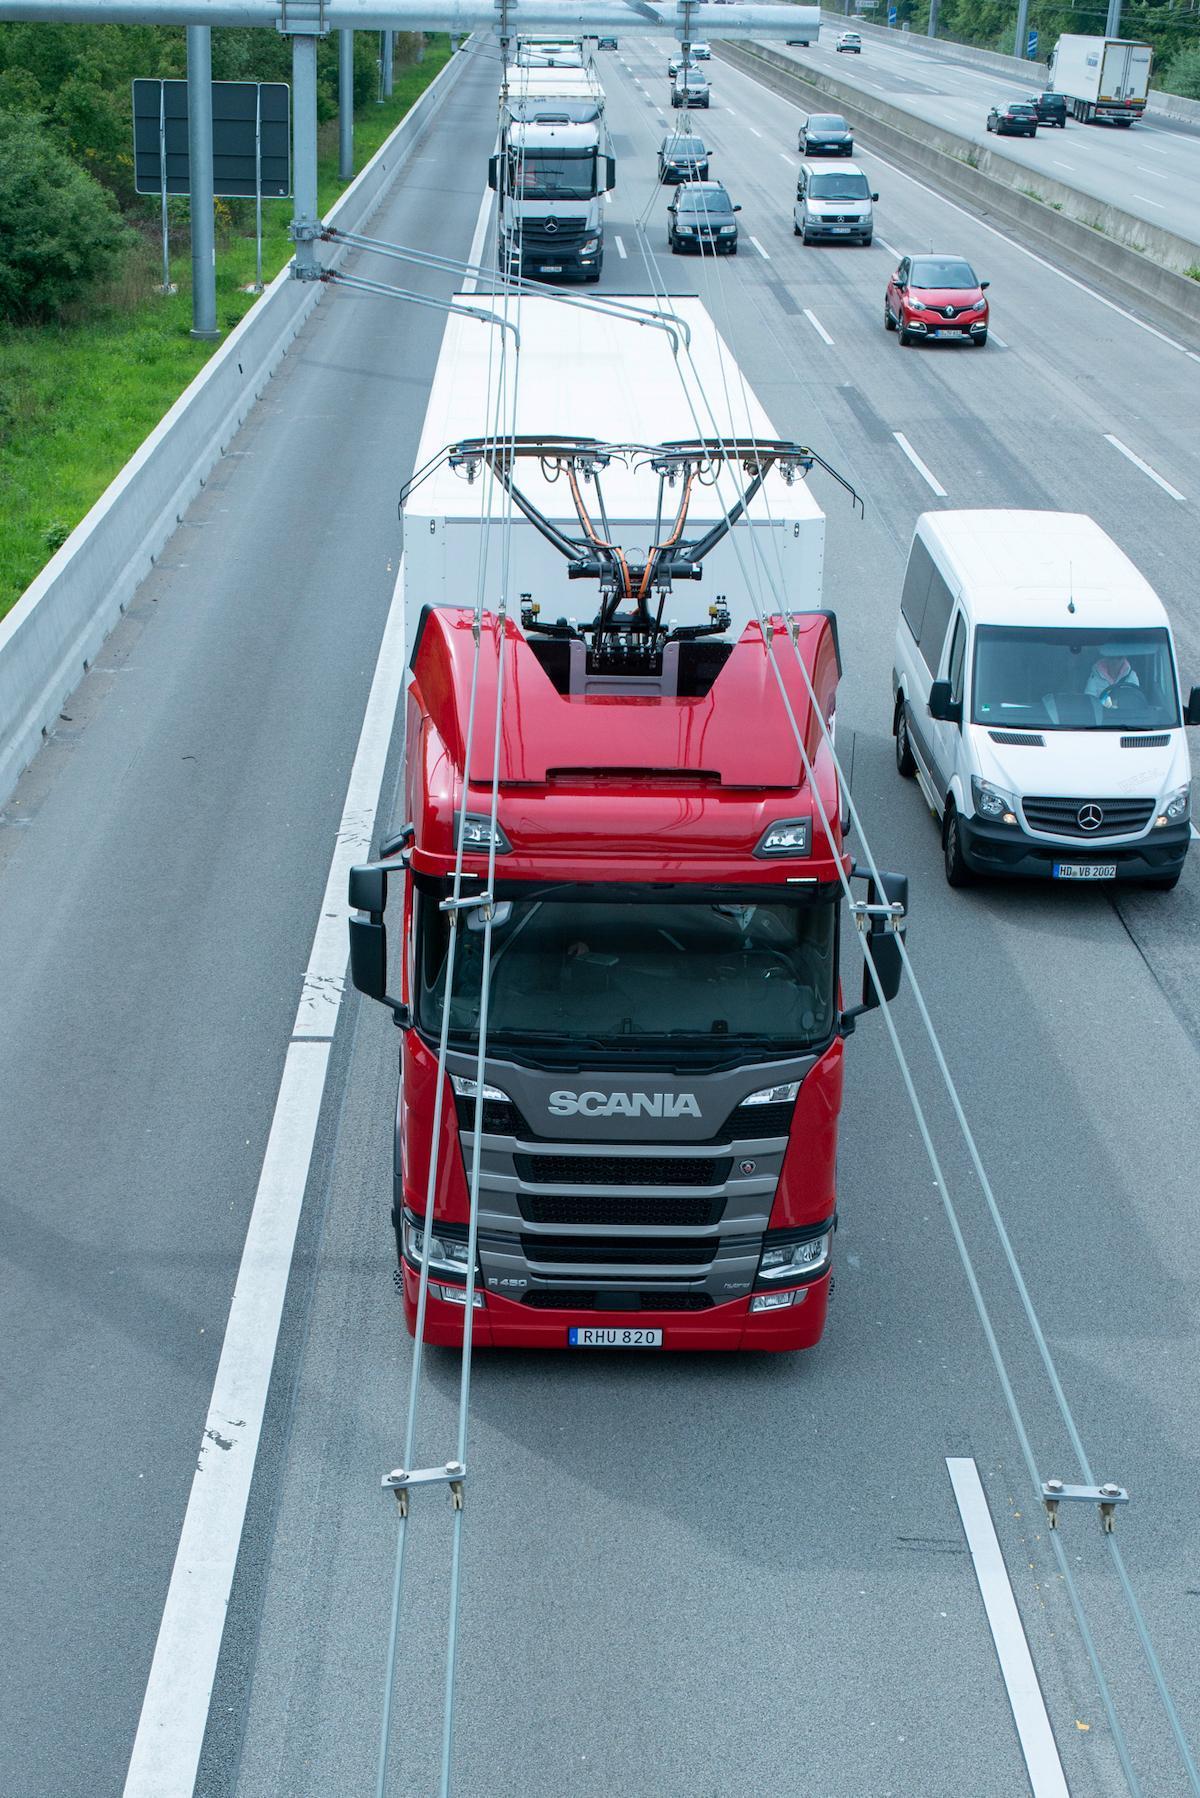 truck-ehighway-innovation-1576702110678.jpg